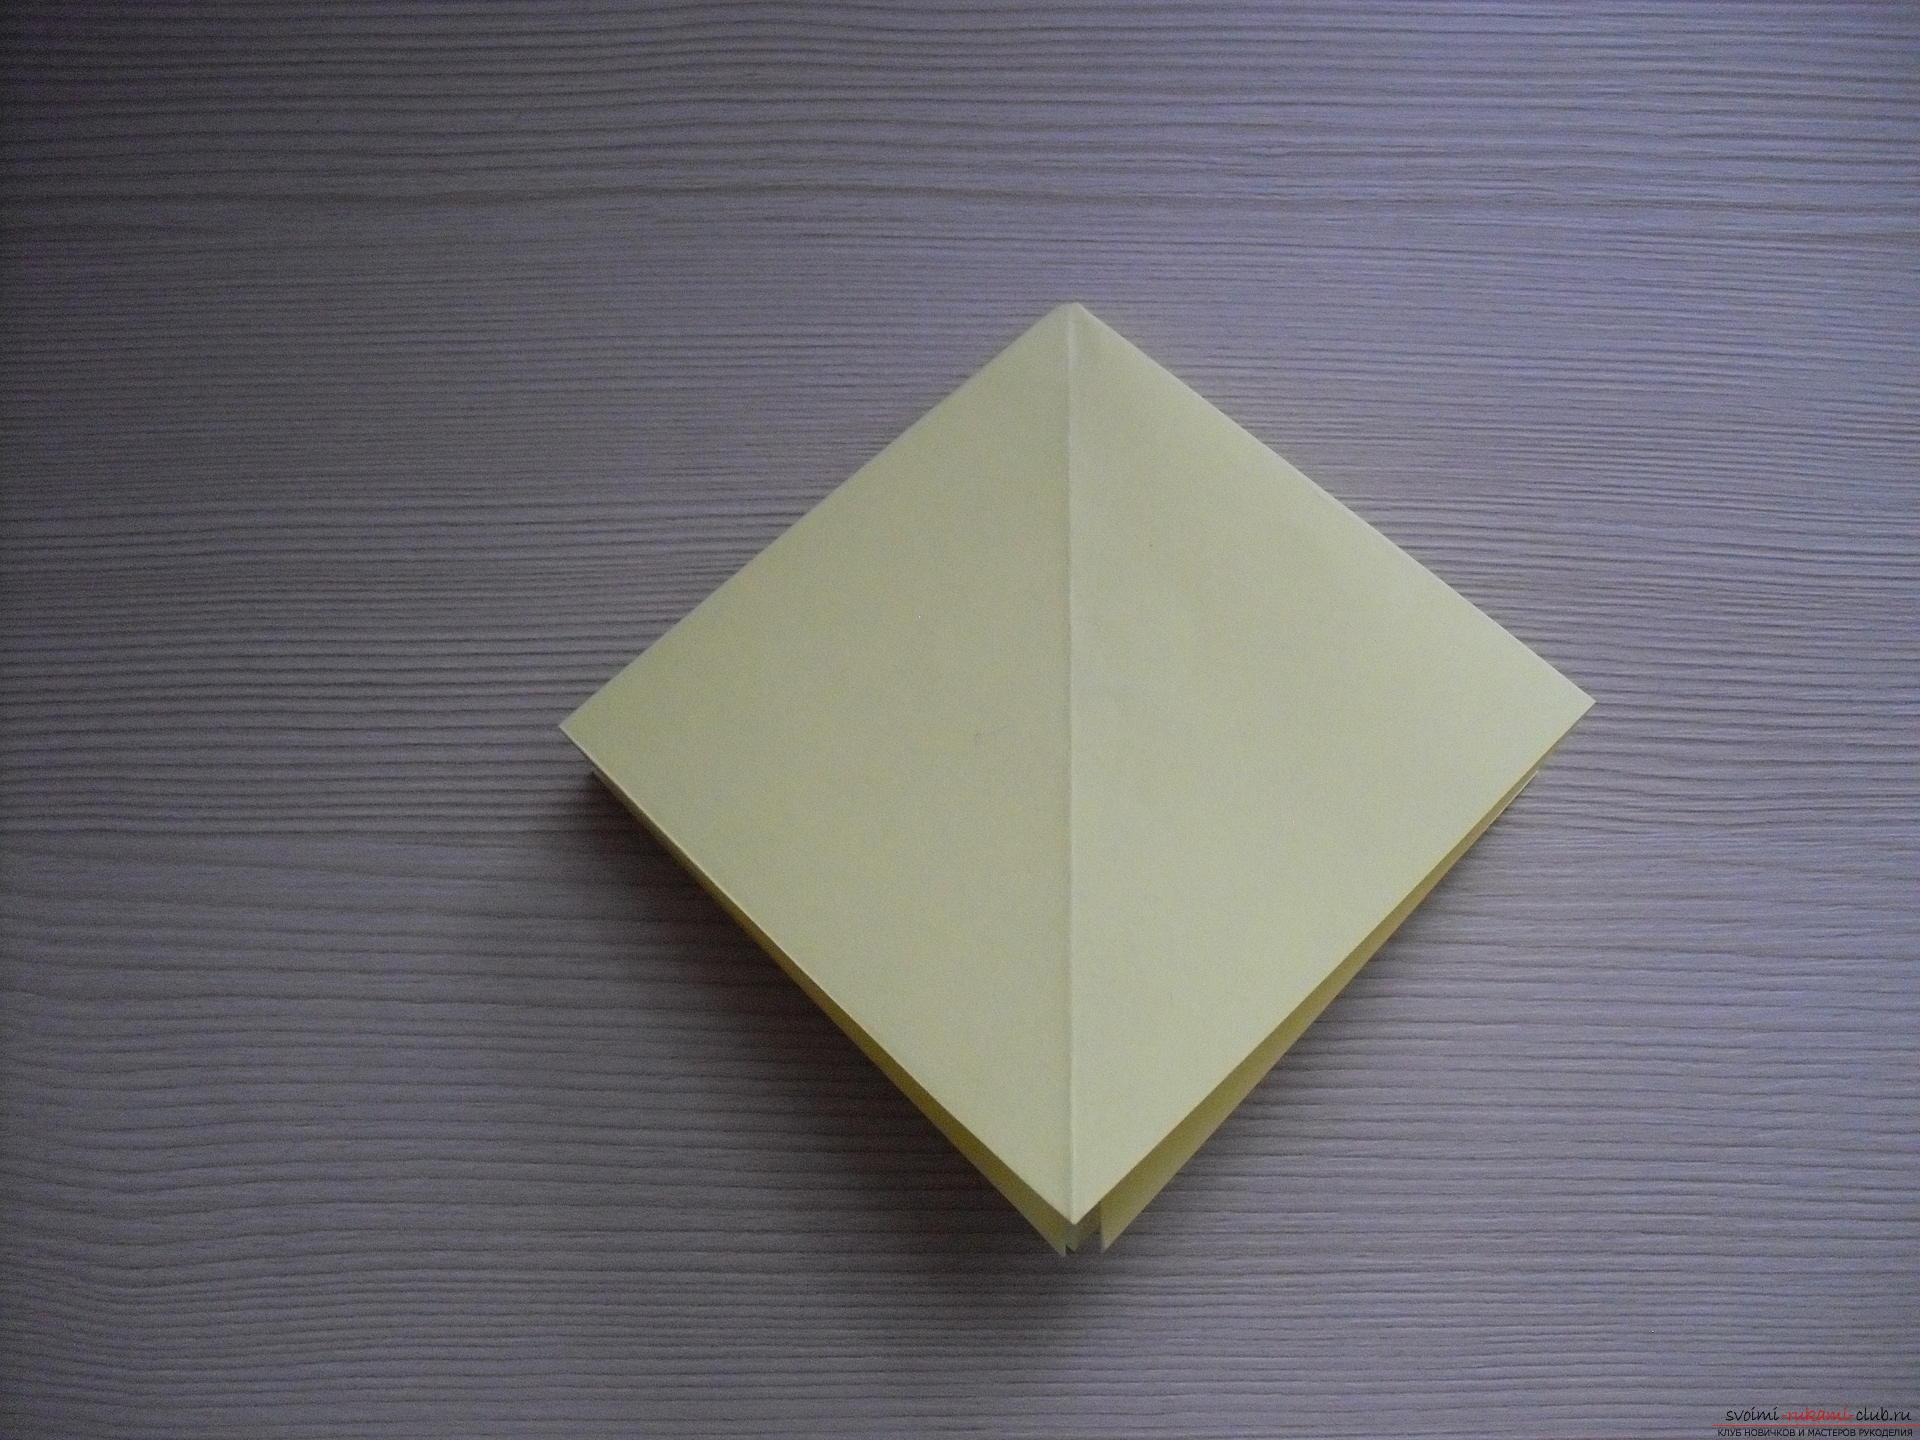 Этот пошаговый мастер-класс с инструкцией модульного оригами научит как сделать корзинку с лилиями.. Фото №26